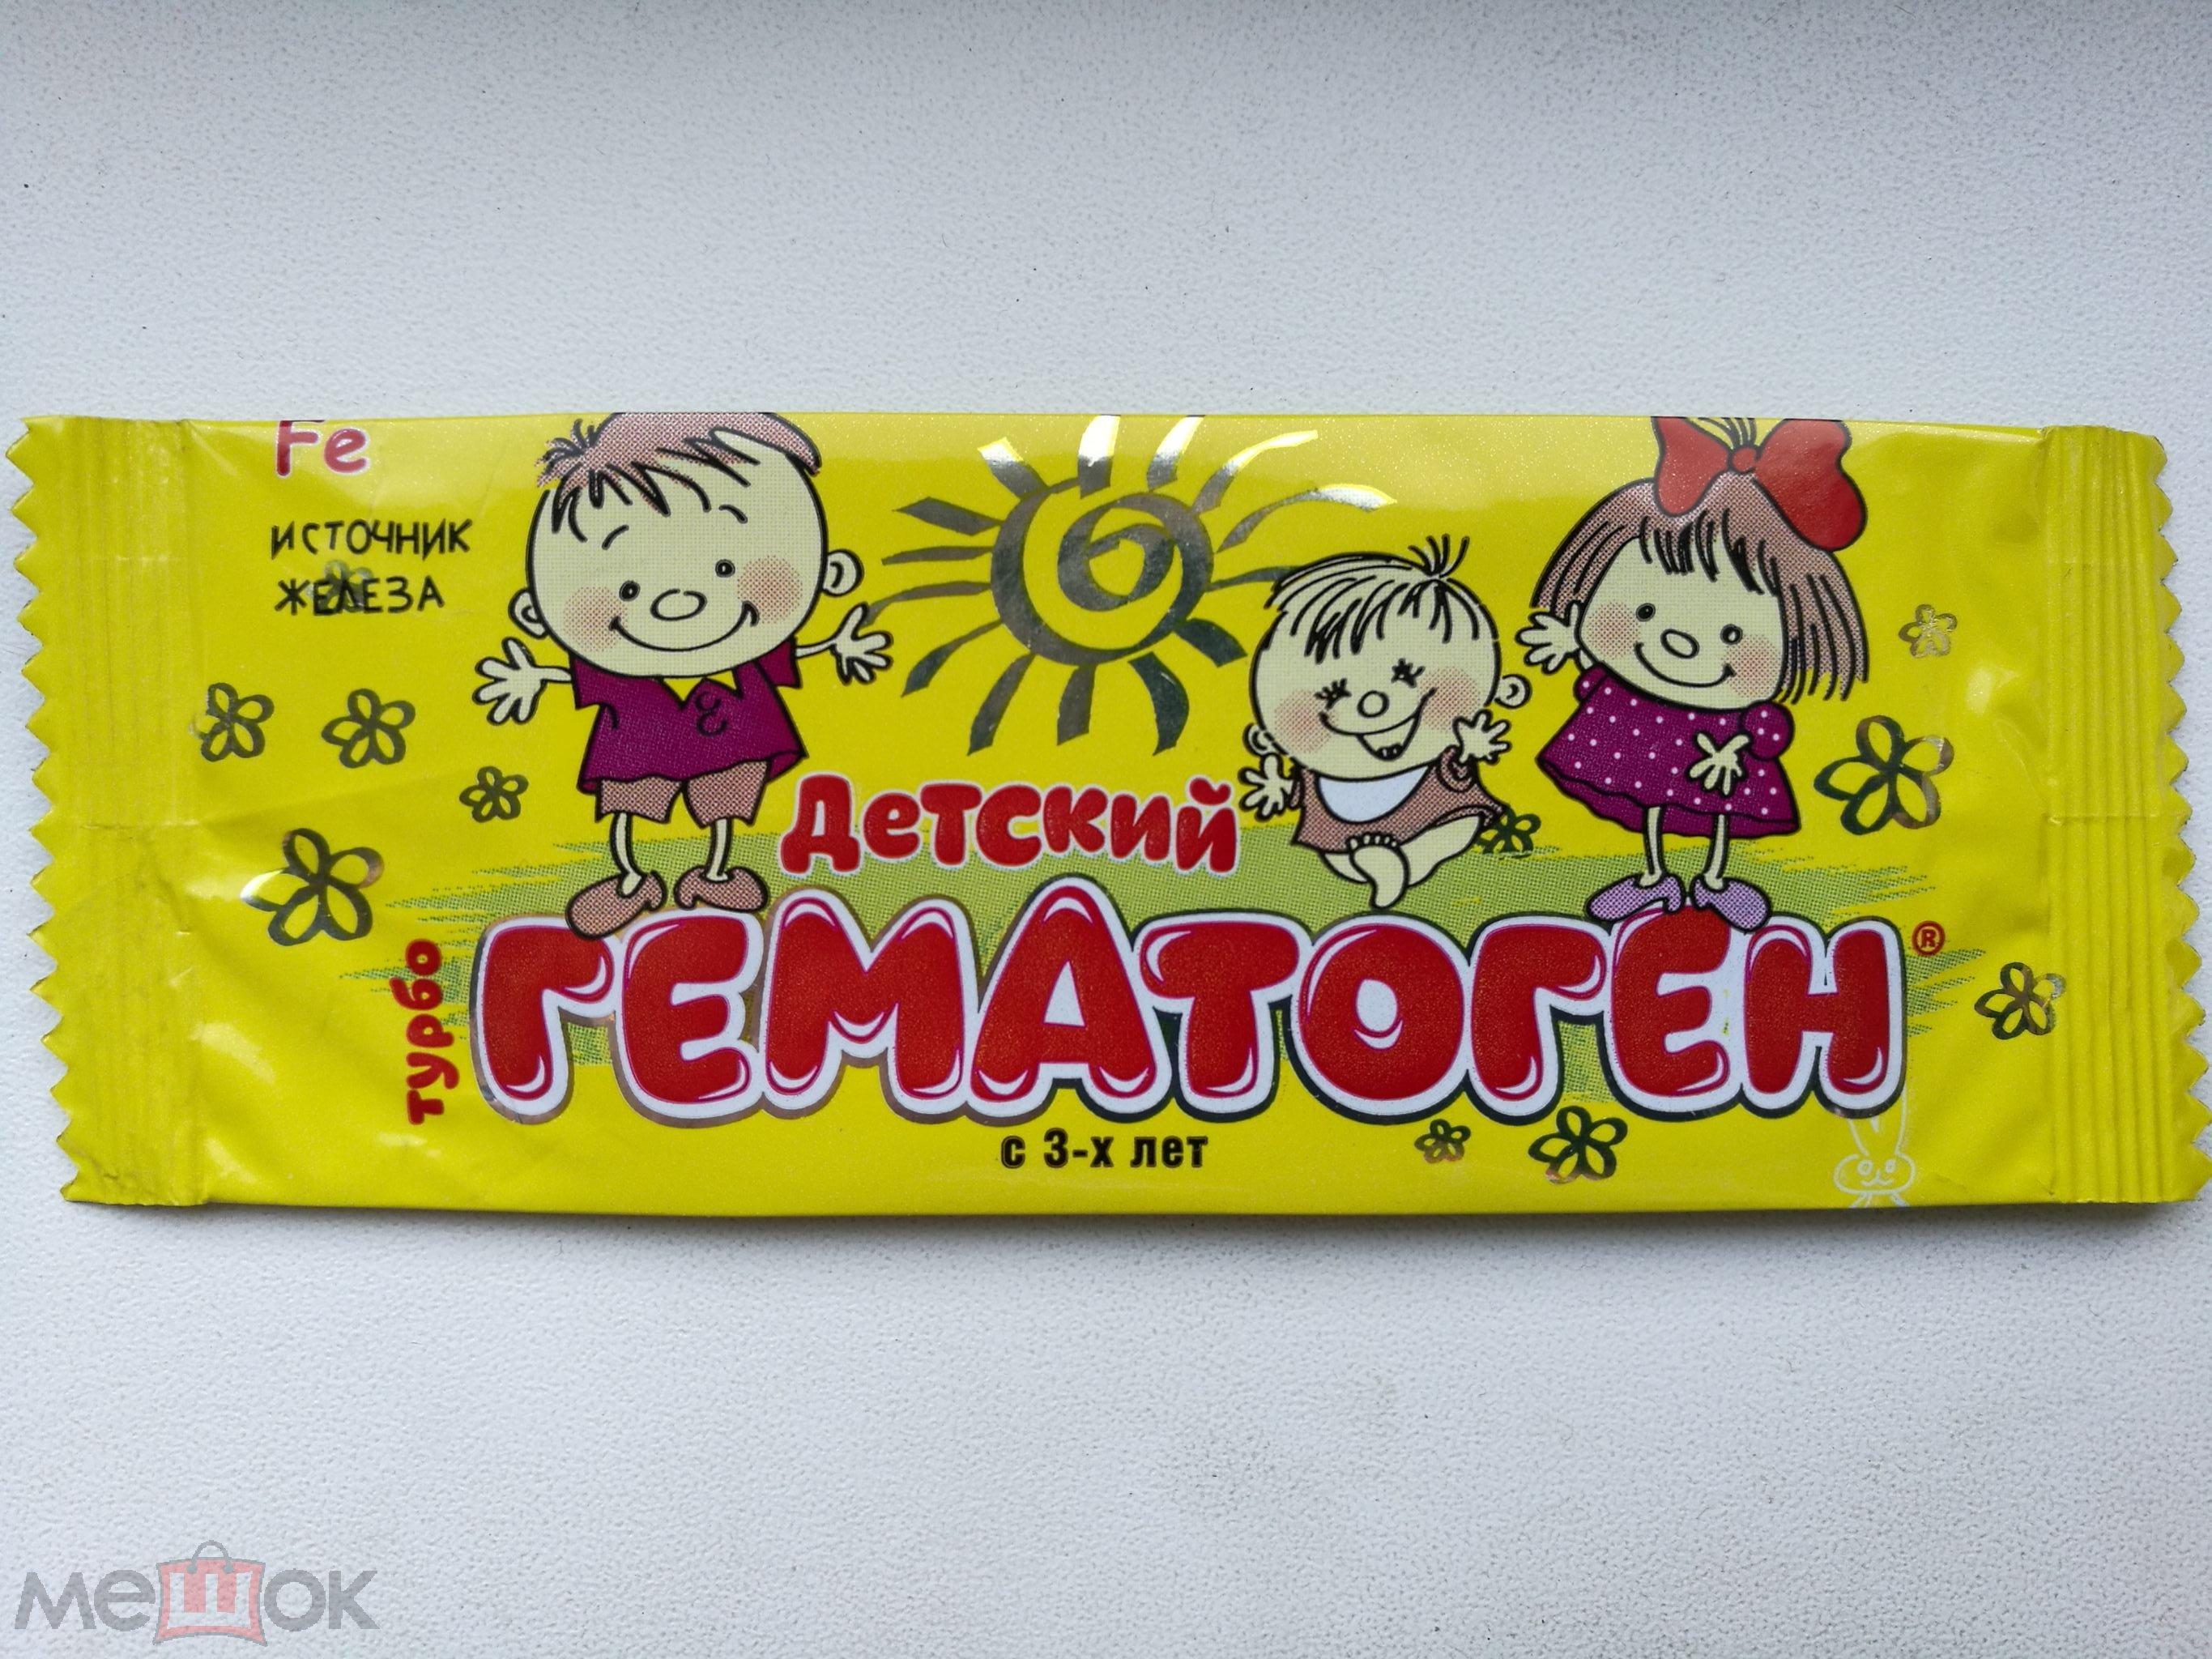 Гематоген детский Этикетка Обёртка Фантик шоколад Редкий